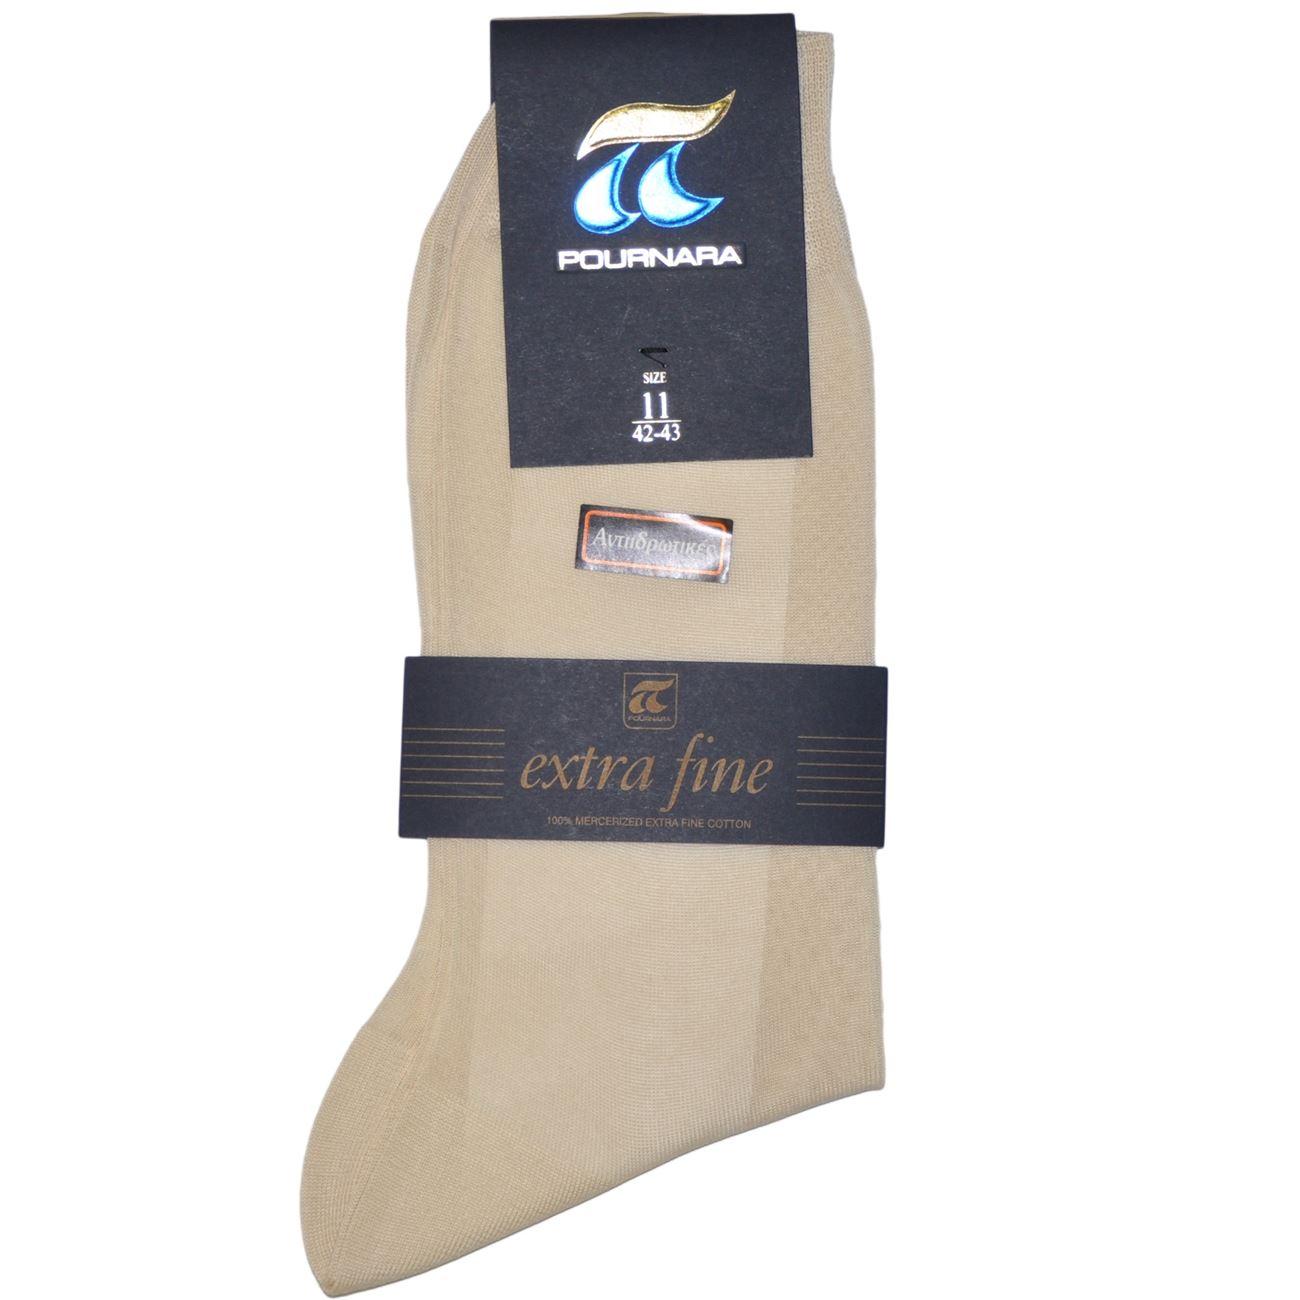 ... Πουρνάρα Ανδρικές Κάλτσες Βαμβακερές Αντιιδρωτικές Εκρού. -20%. ΠΟΥΡΝΑΡΑ  ... 0e315aecac2